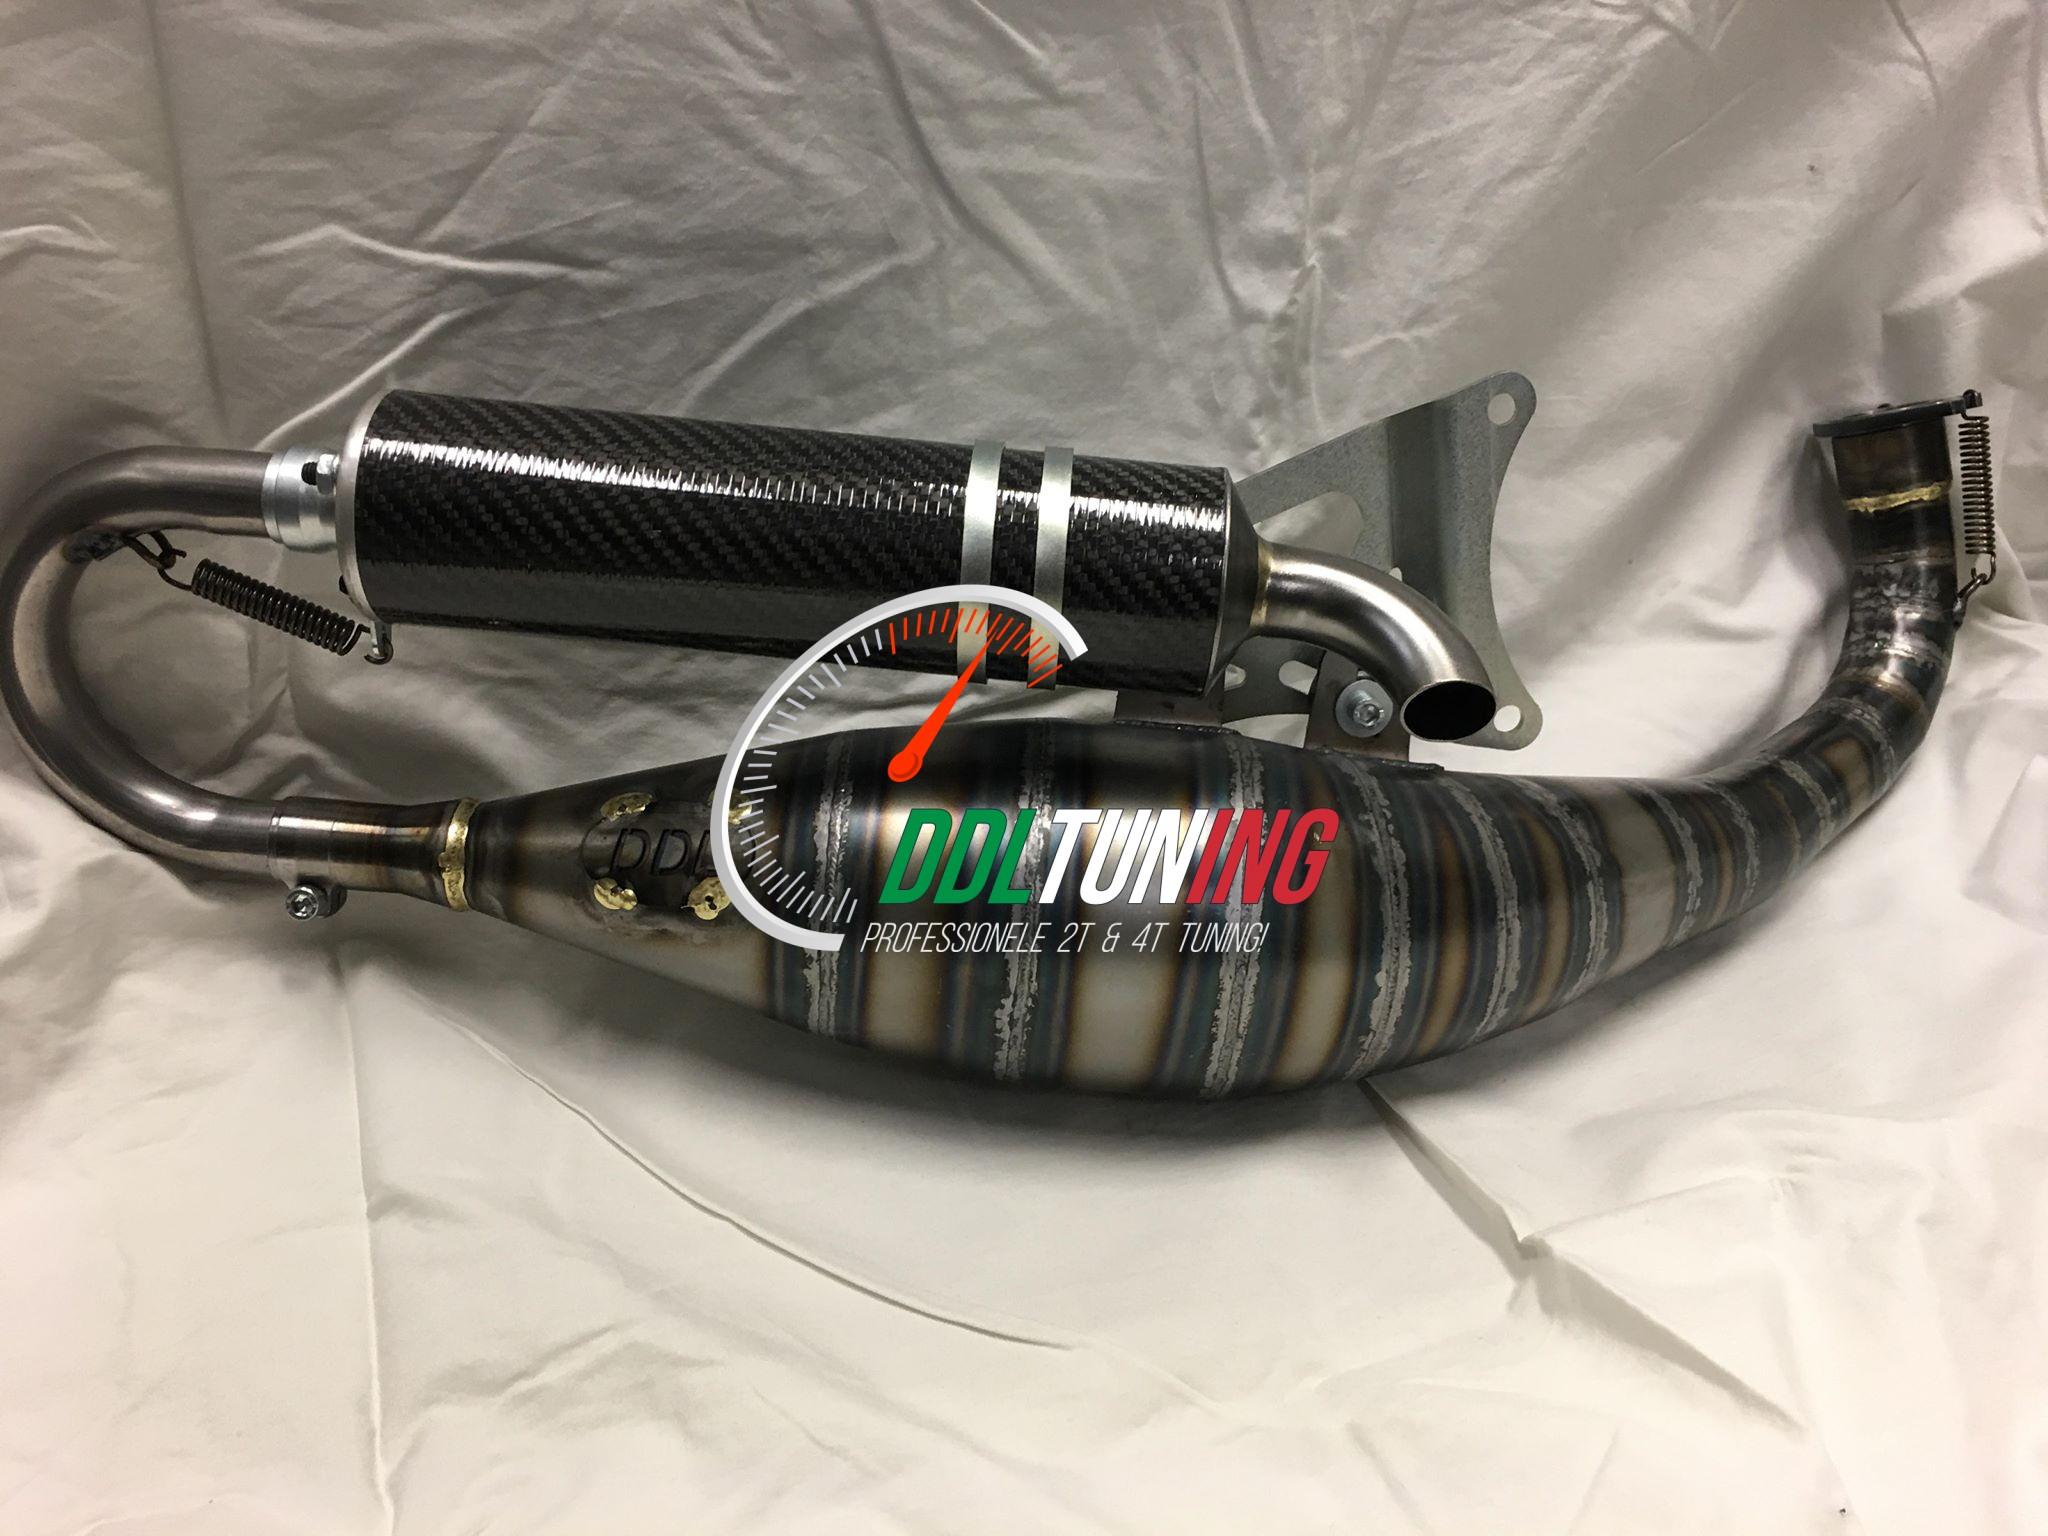 Scooter onderdelen foto 1